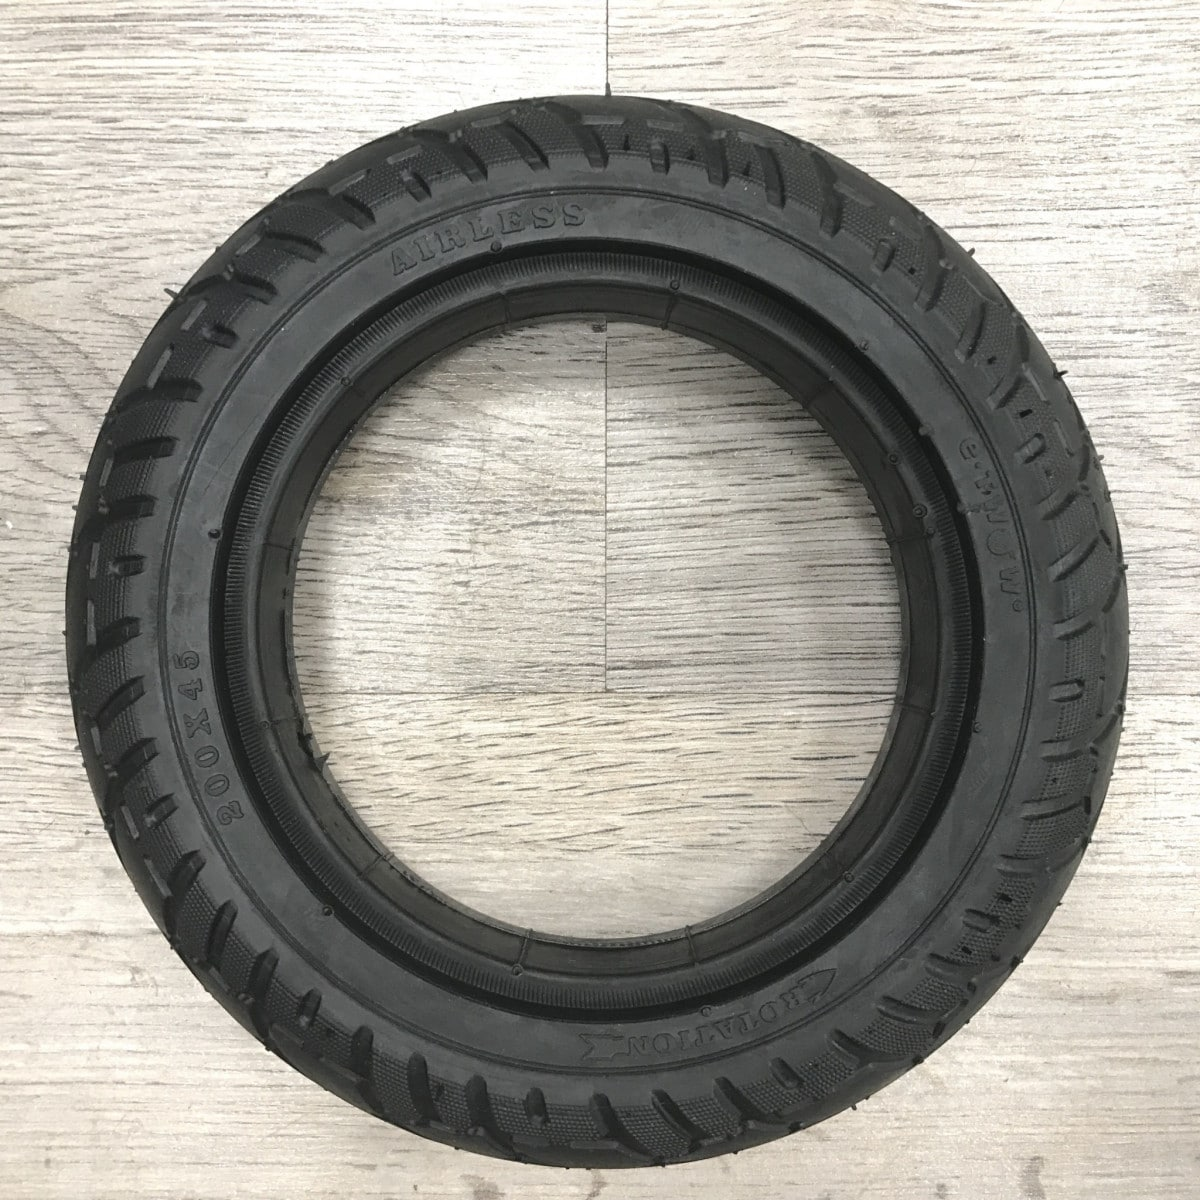 pneu en gomme pour roue moteur etwow urban360. Black Bedroom Furniture Sets. Home Design Ideas